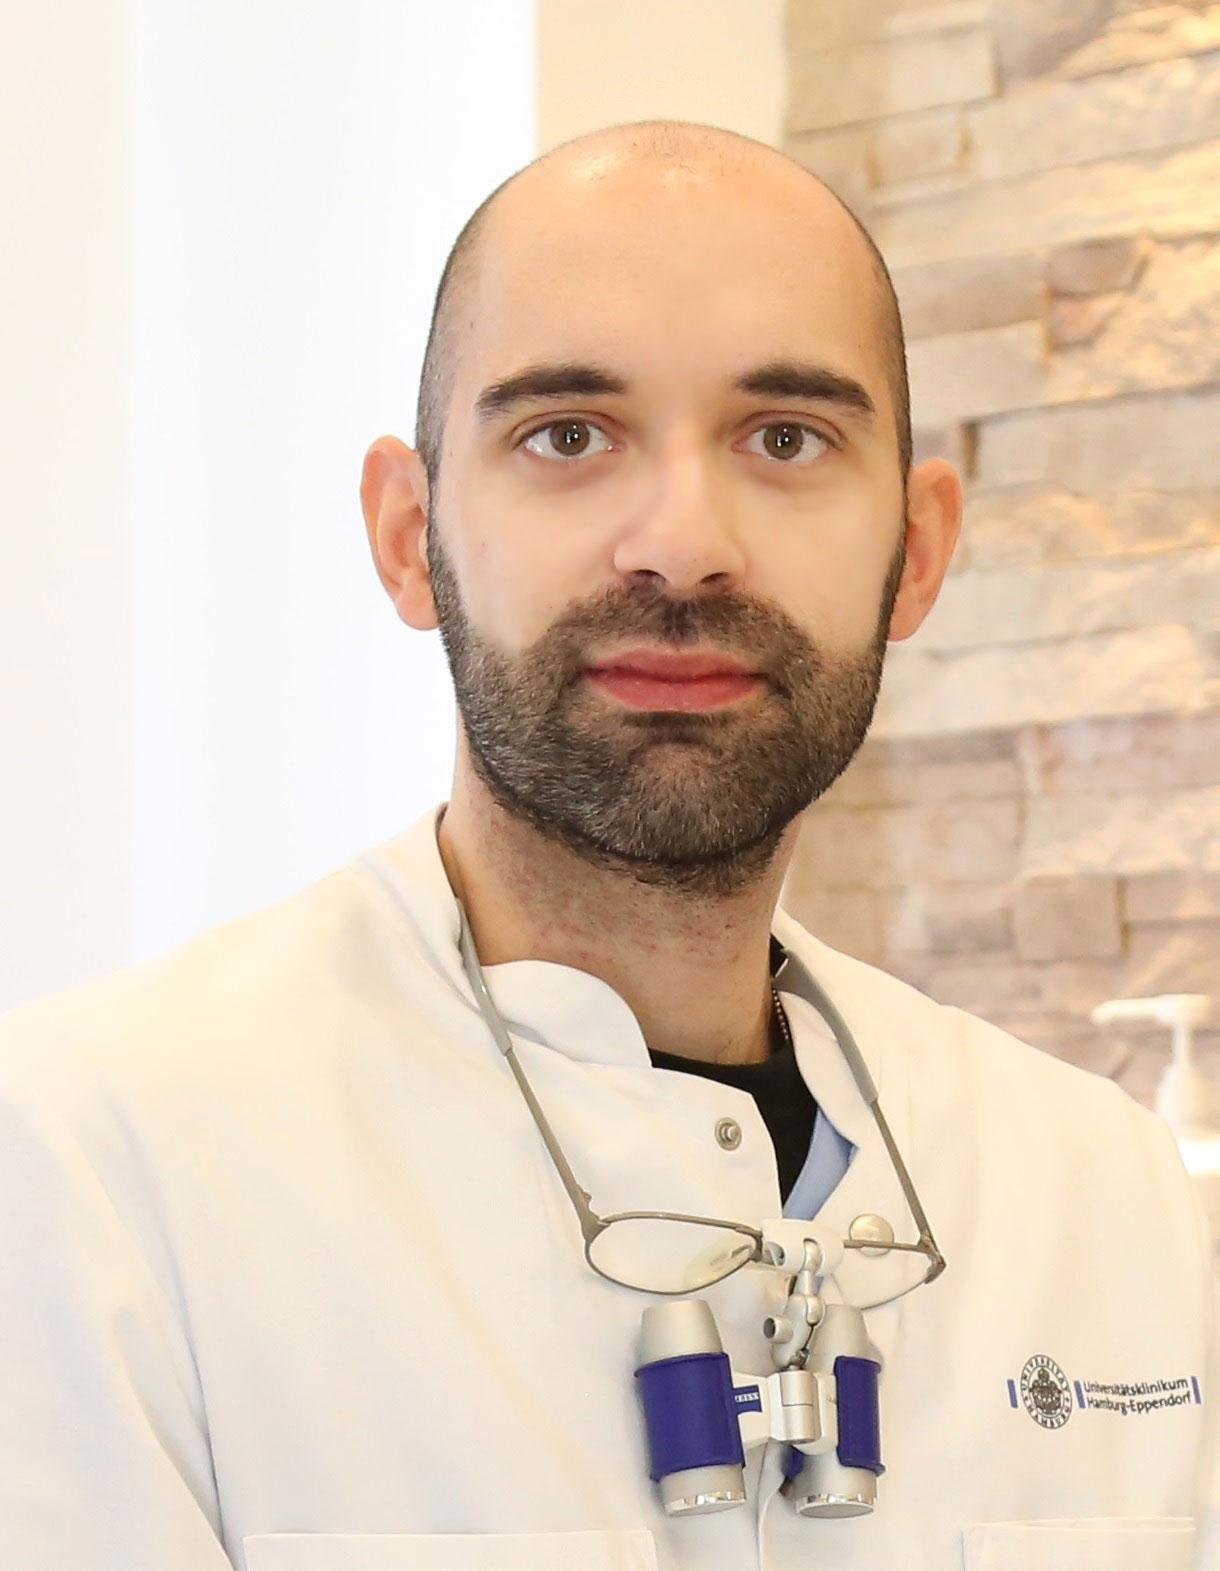 Τσιρογιάννης Παναγιώτης-Οδοντίατρος-image